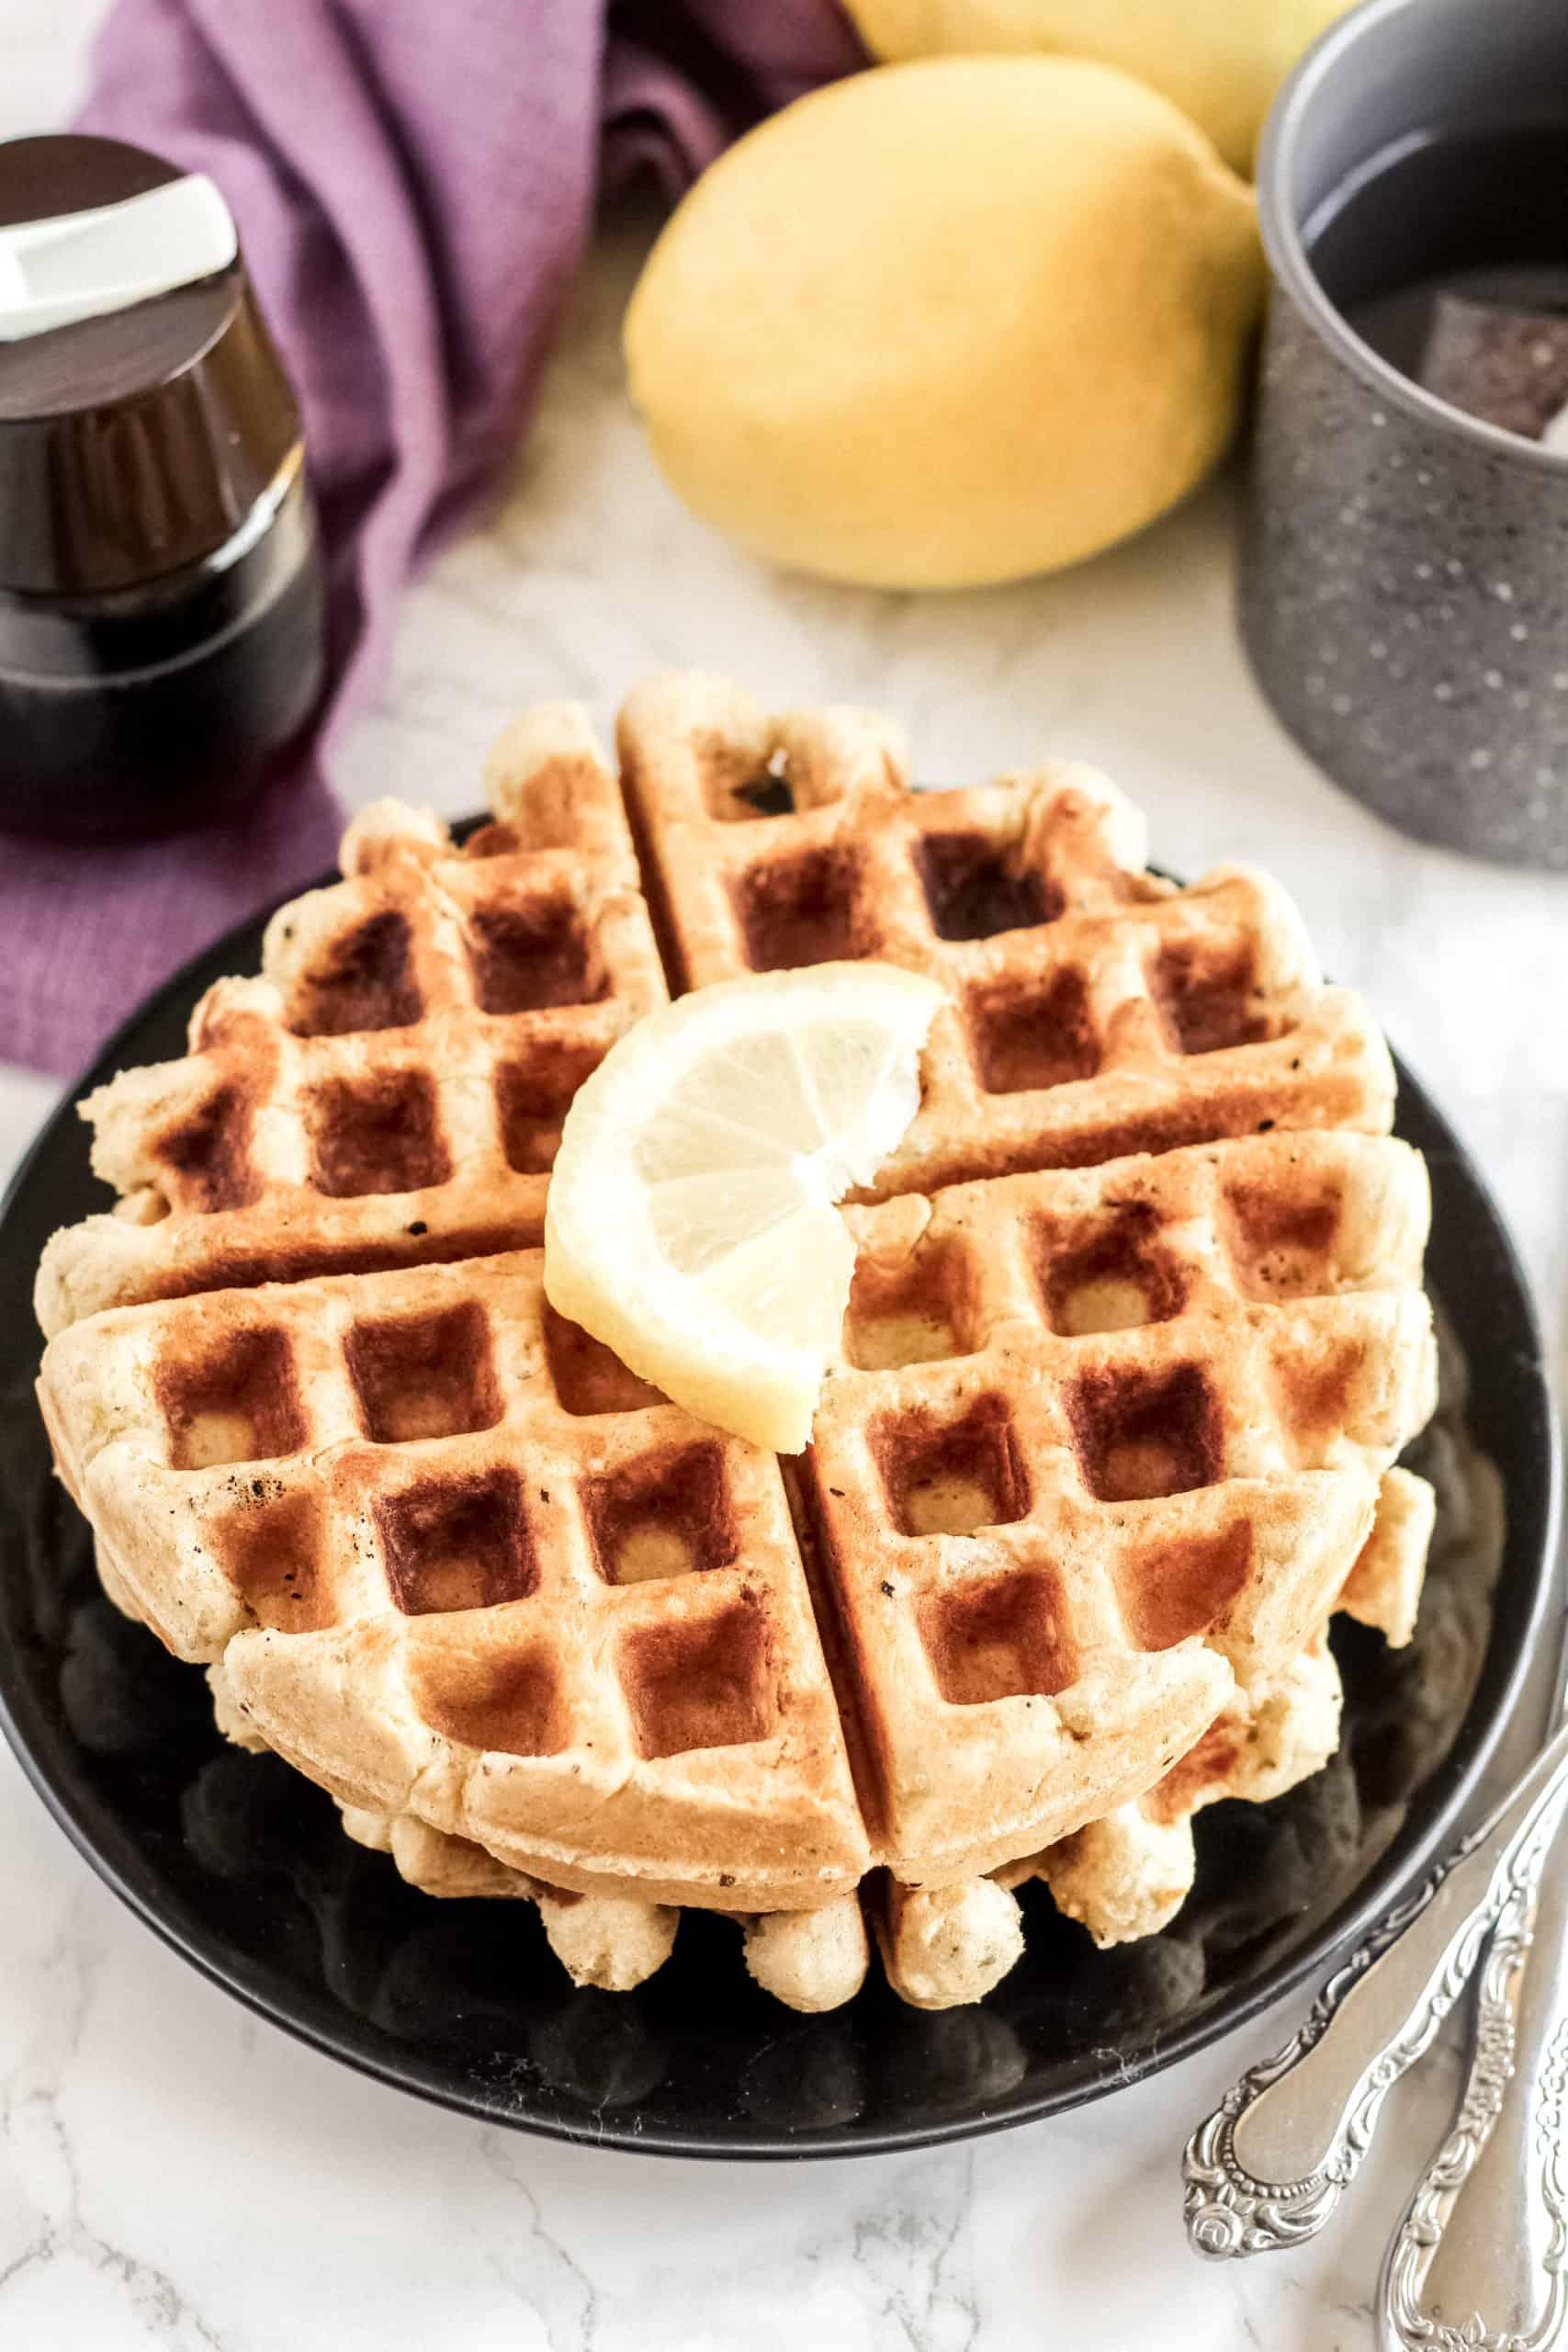 Waffle on a plate with lemon